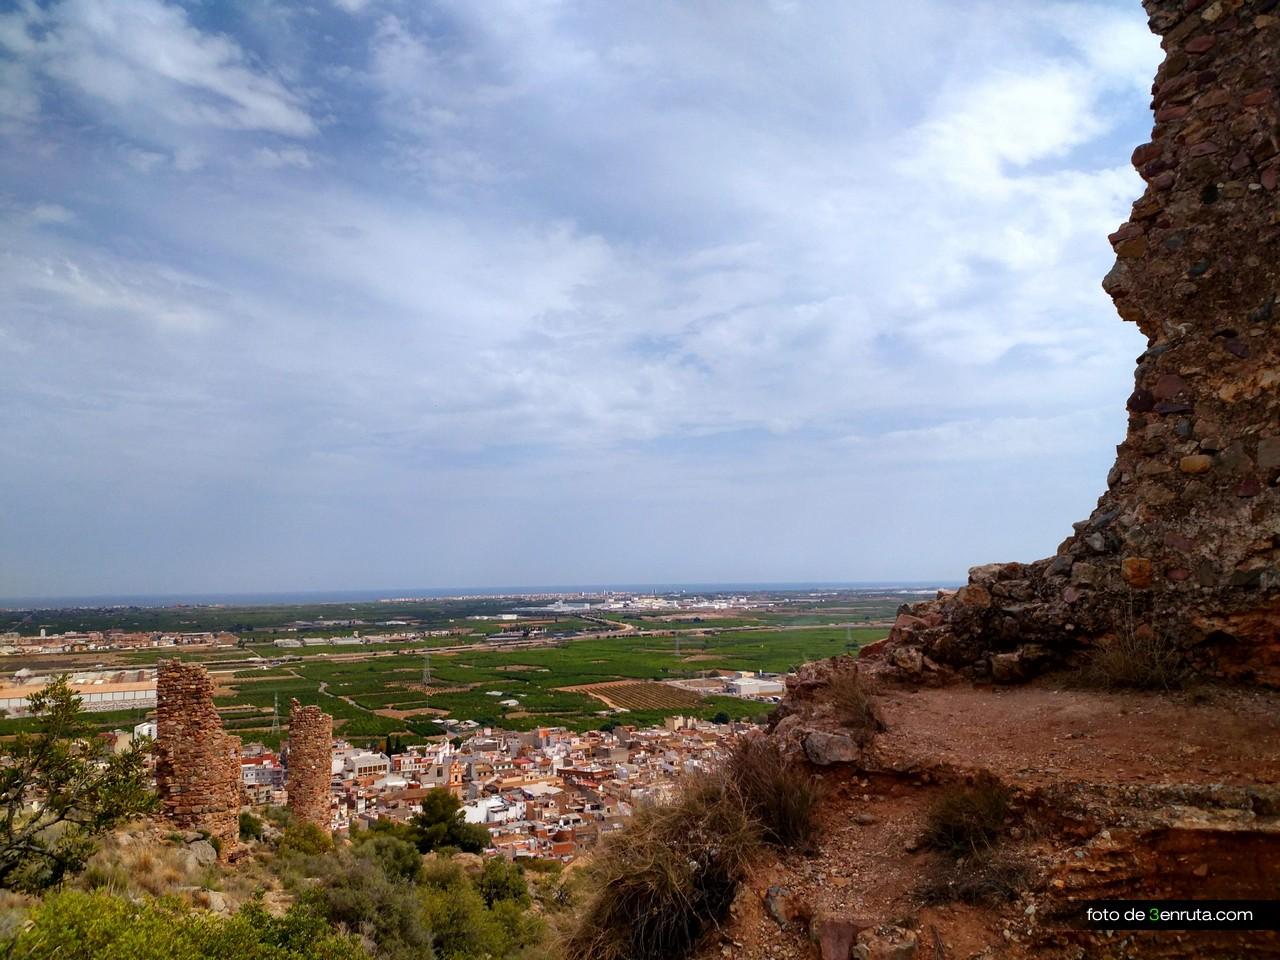 Varias torres del Castillo de la Vilavella